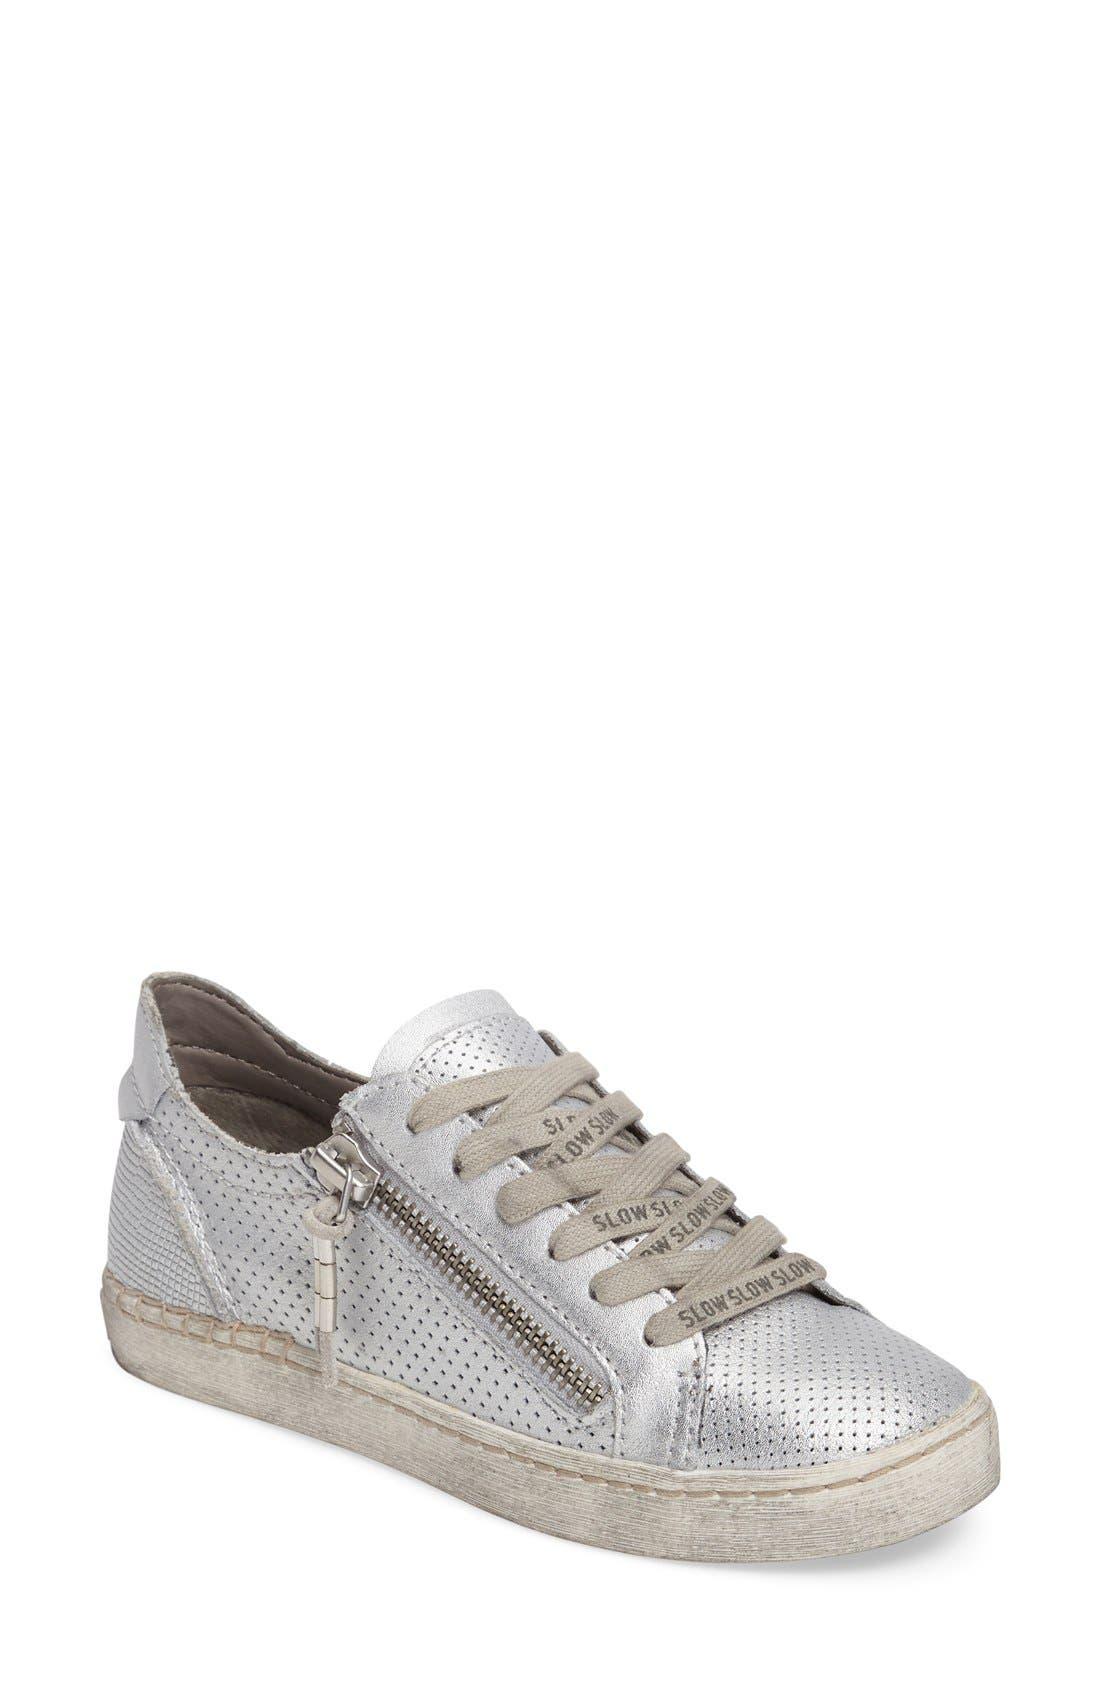 DOLCE VITA Zombie Sneaker